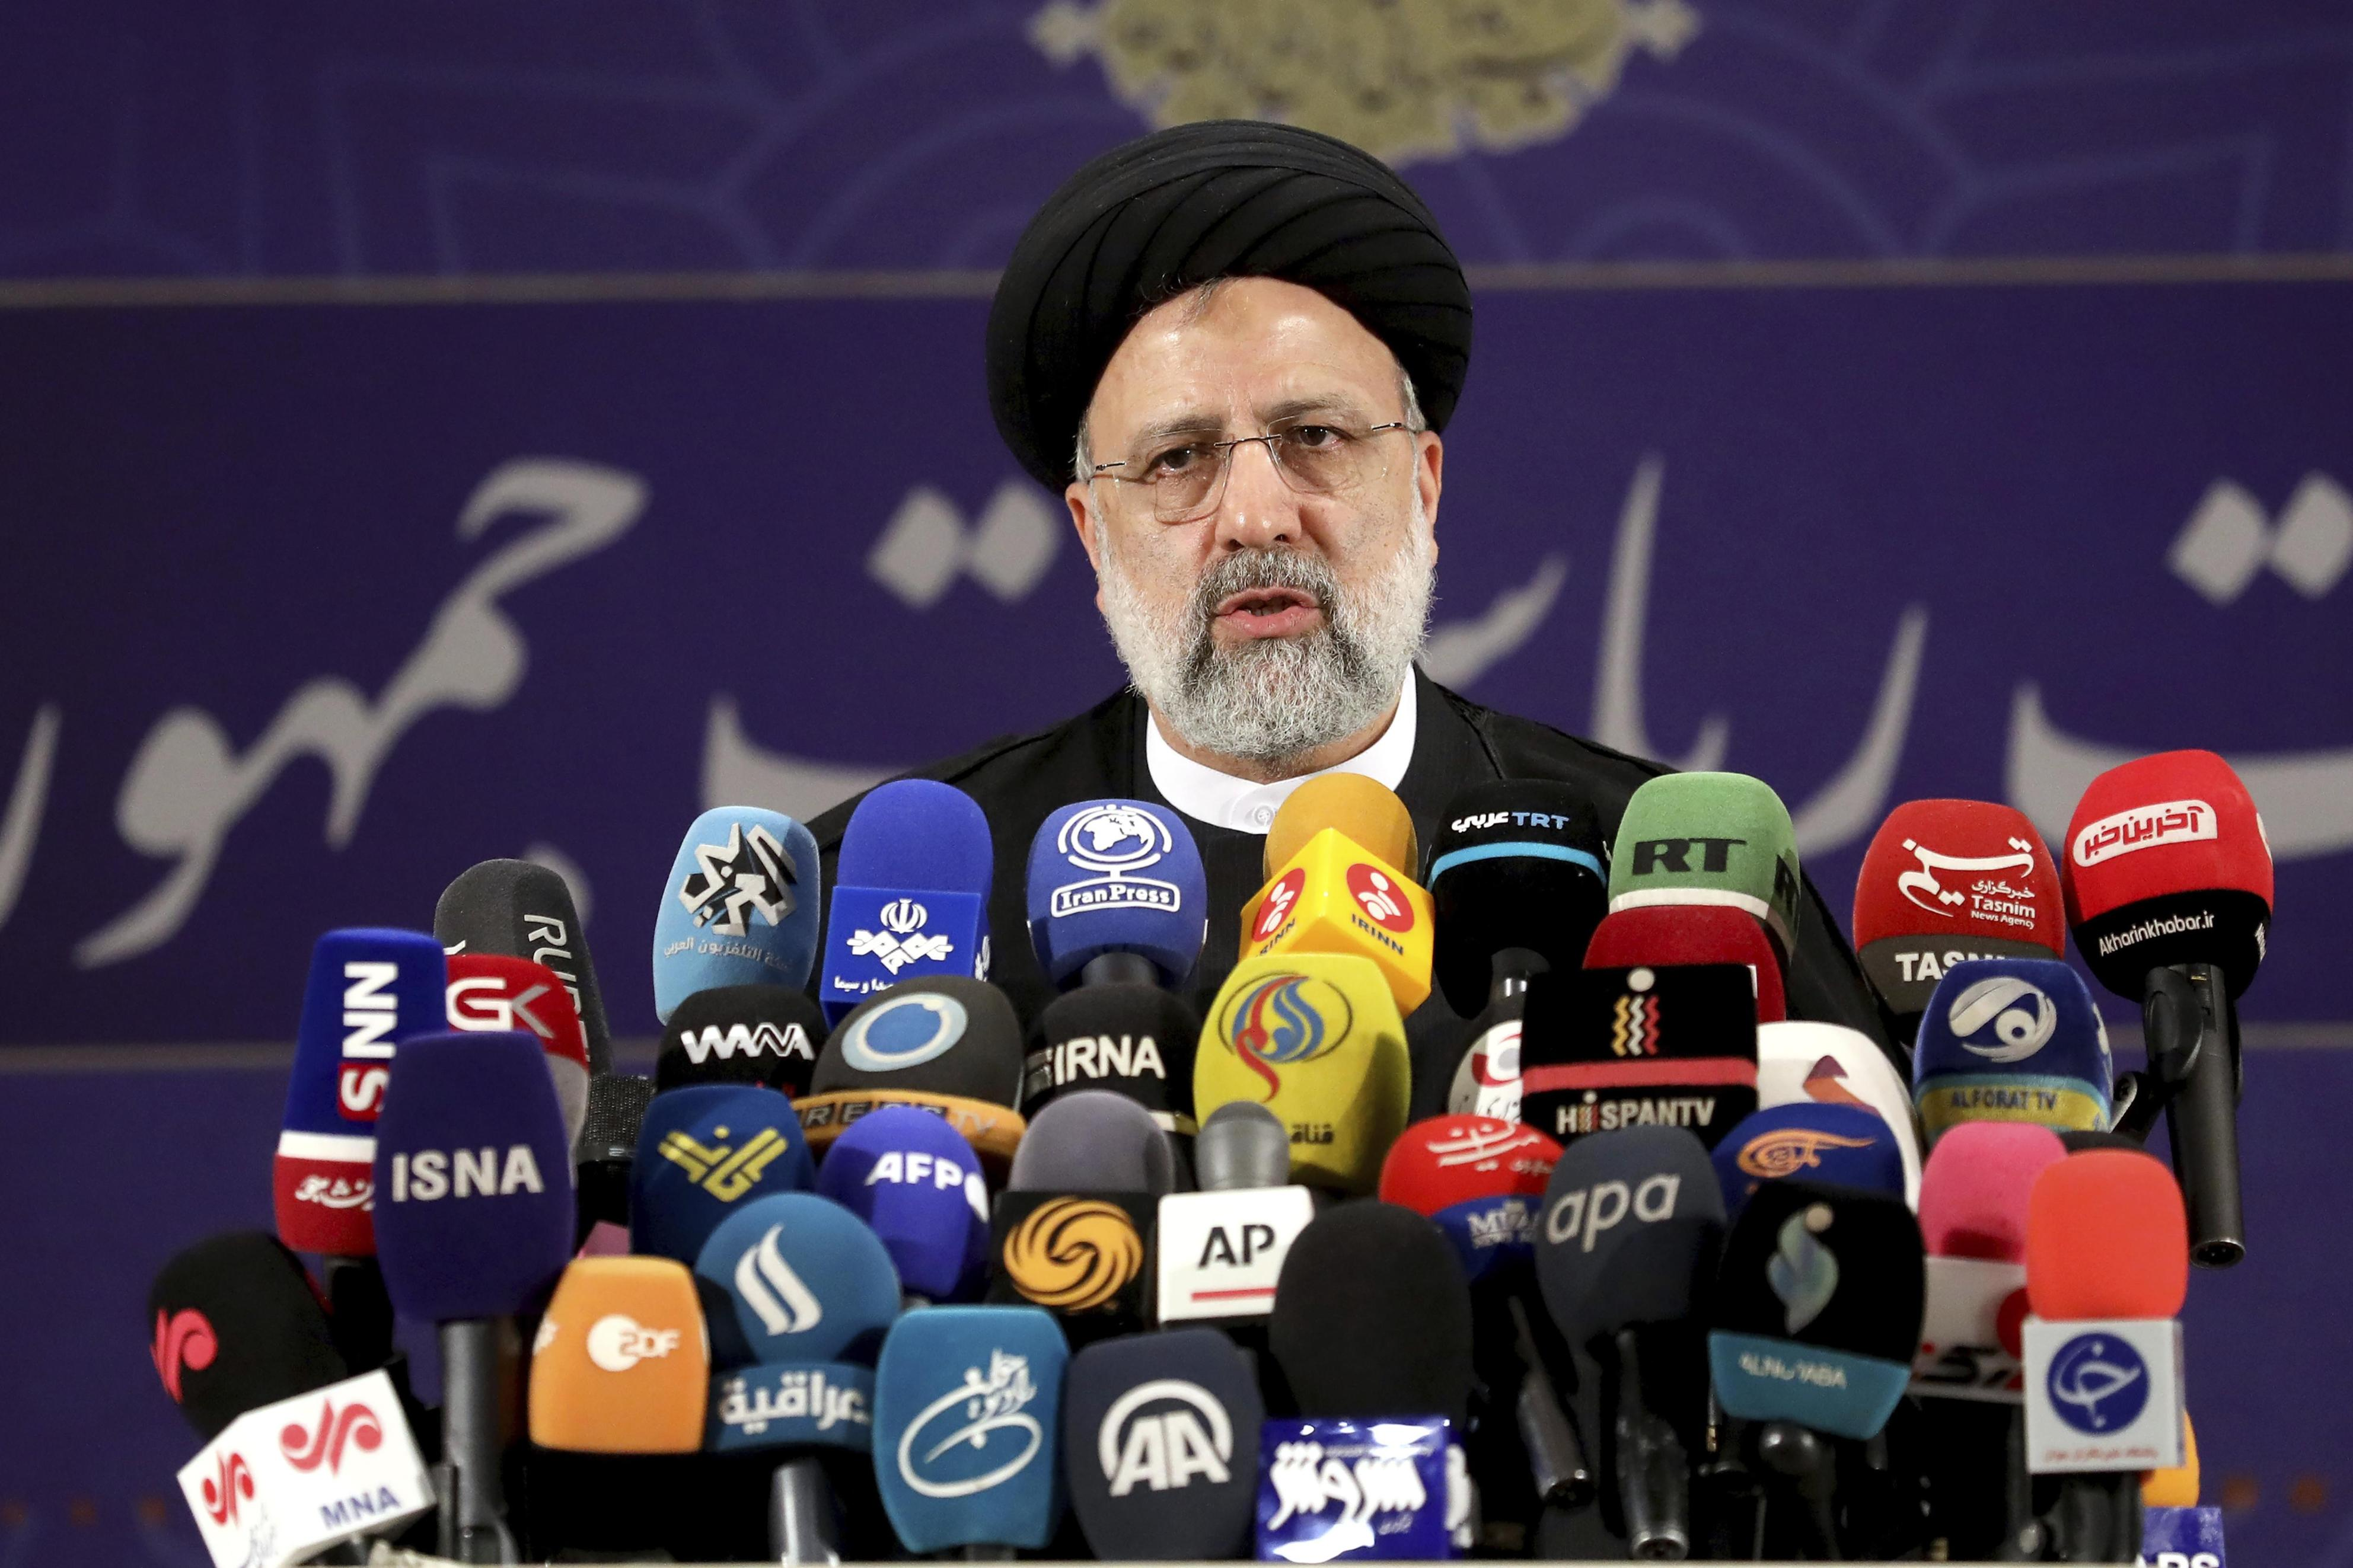 5月15日、テヘランでイラン大統領選への立候補を届け出た後、報道陣の取材に応じるライシ司法府代表(AP=共同)